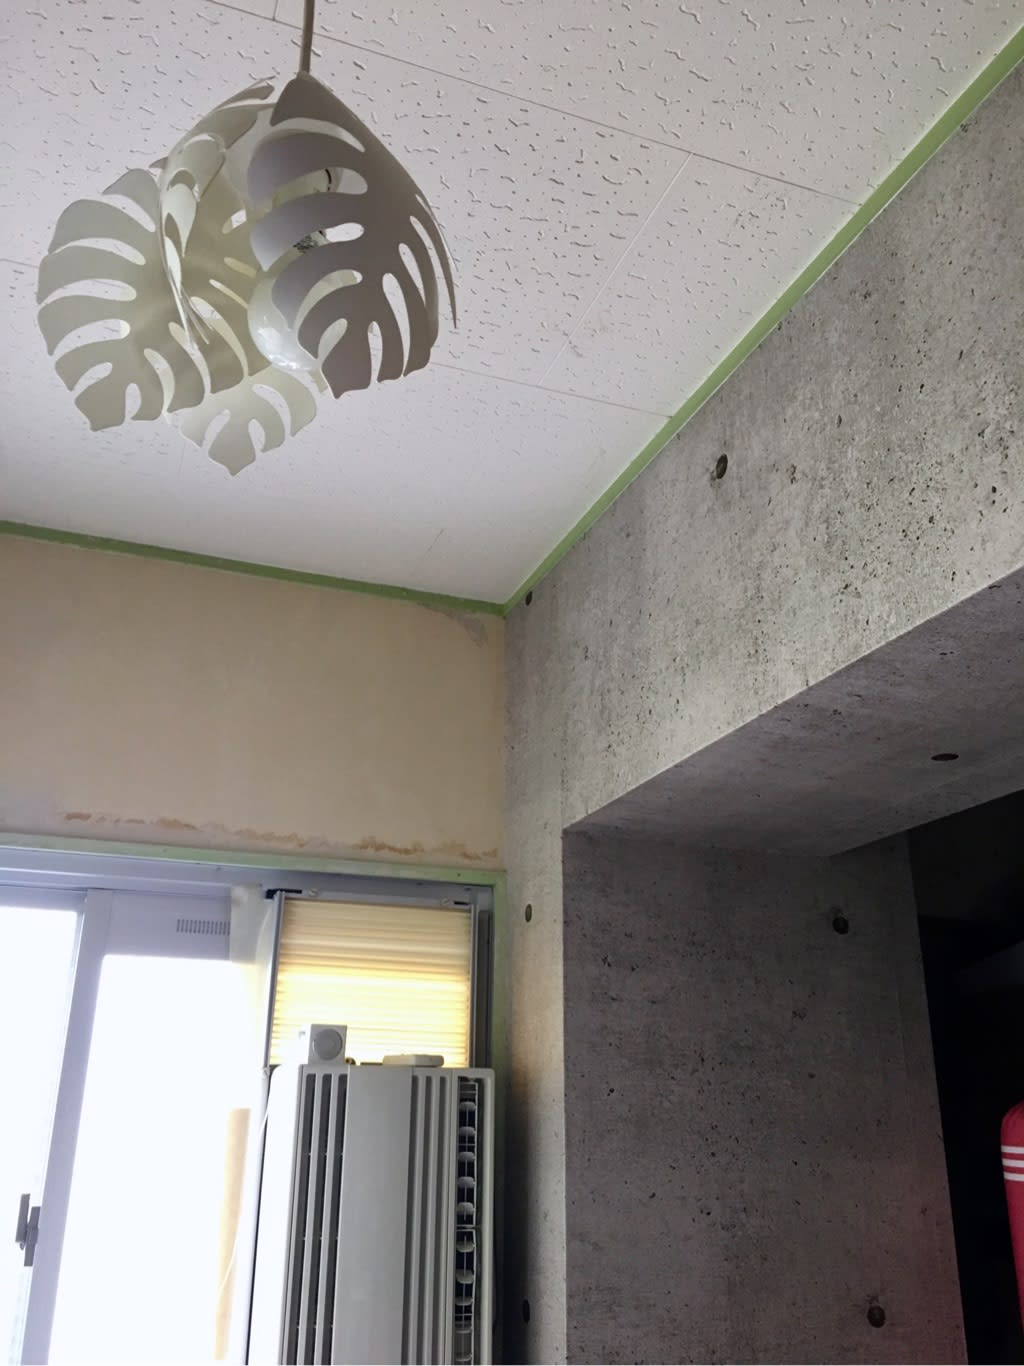 コンクリート風壁紙 ルノン たれぞーの日記 Diy セルフリノベーション